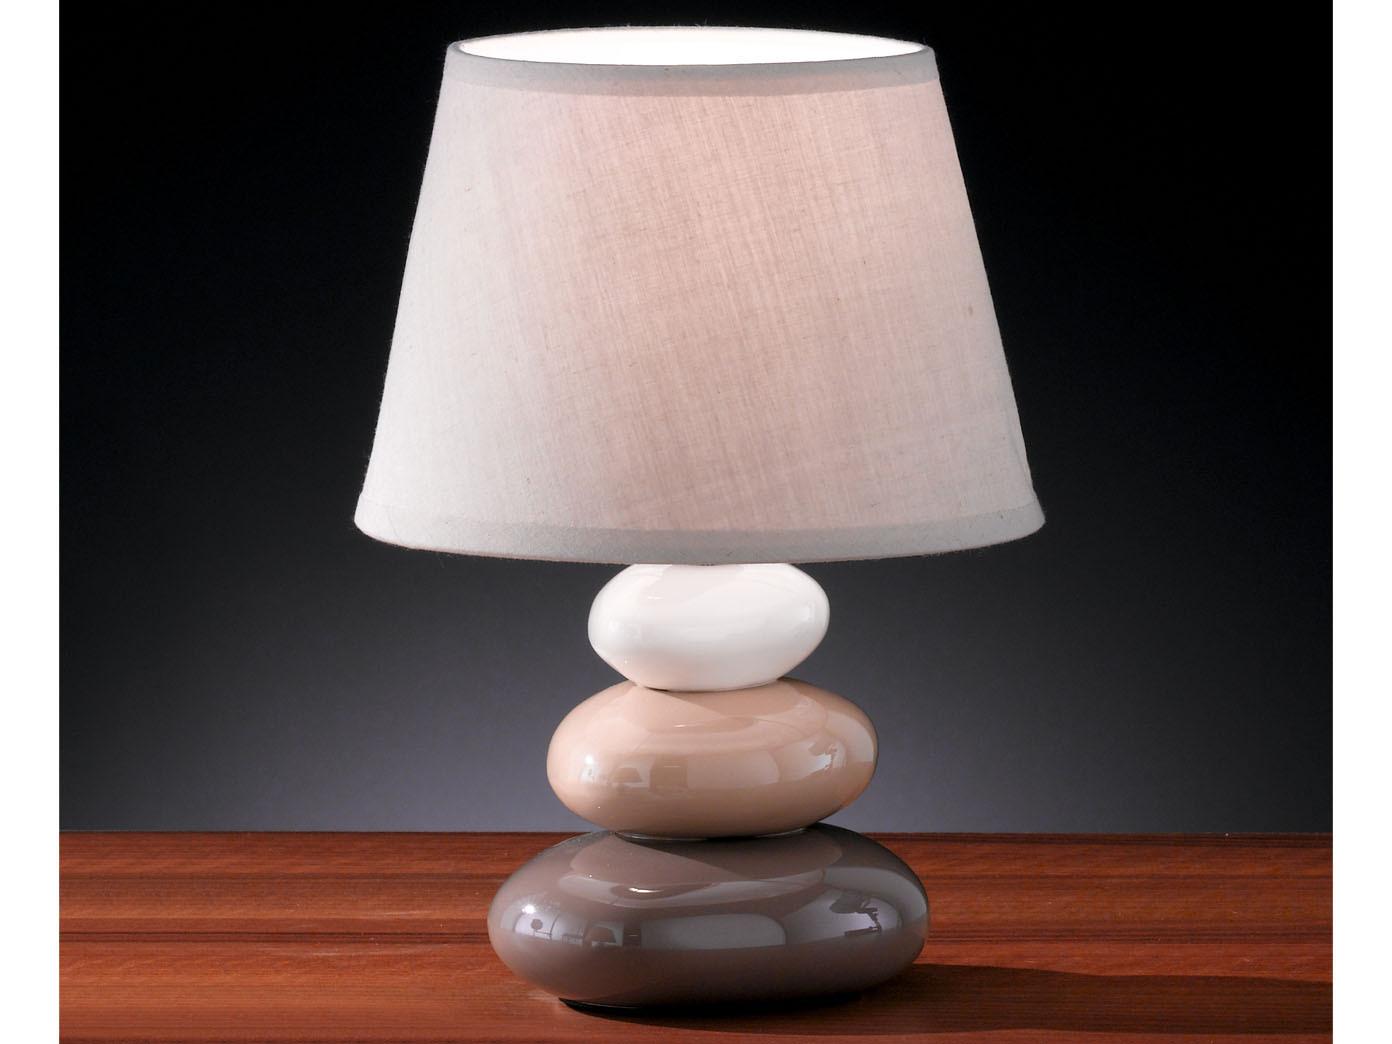 Tischleuchte YIMMI Schirm weiß oval Wohnzimmerlampe Nachttisch Honsel-Leuchten